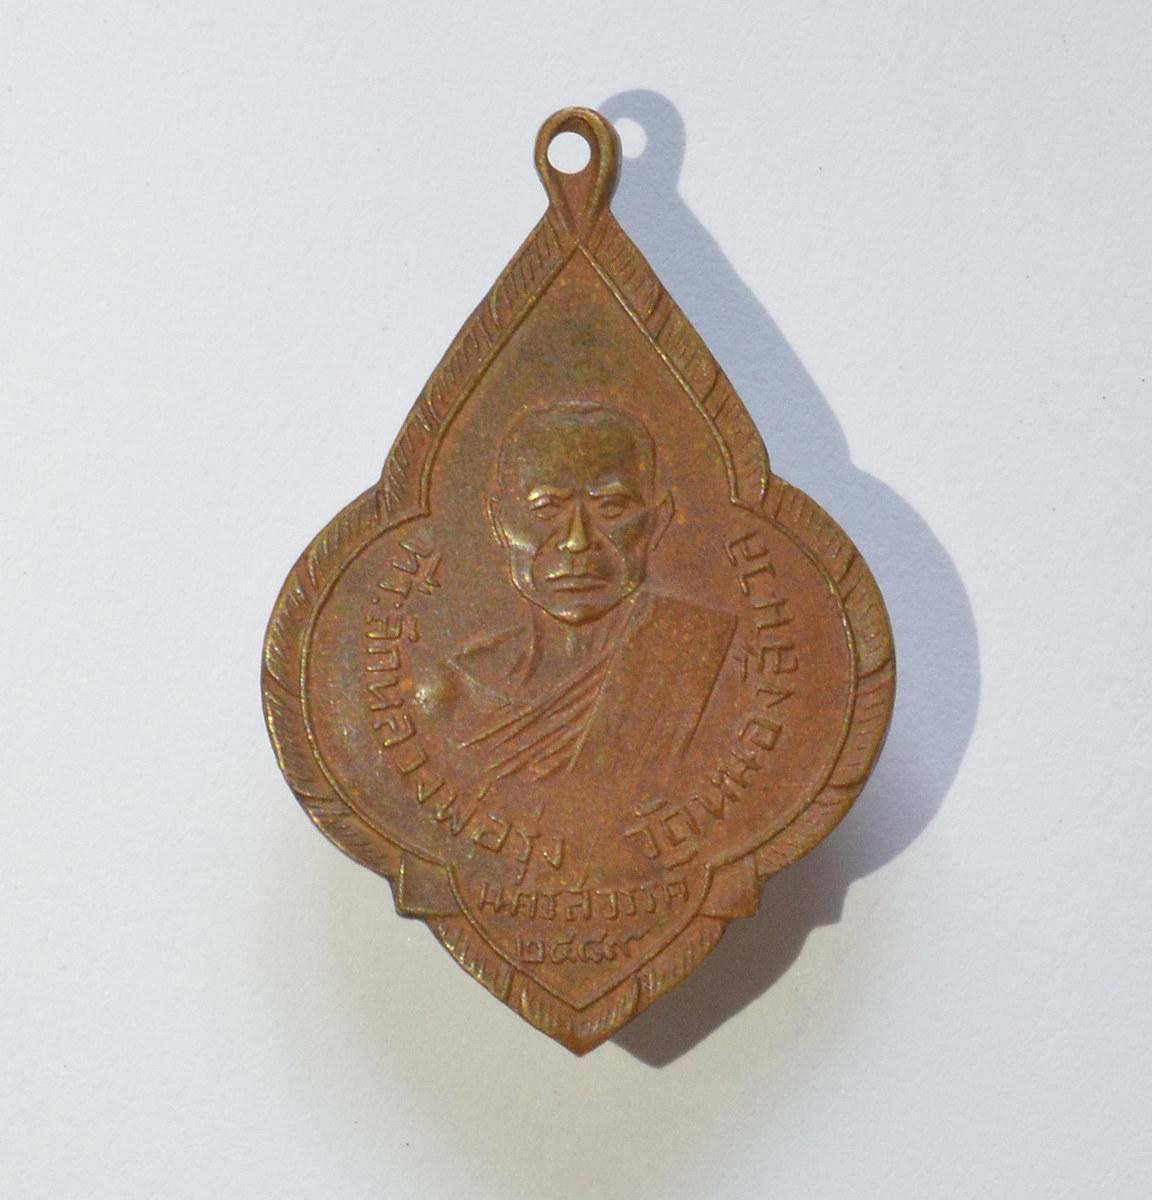 เหรียญหลวงพ่อรุ่ง ปี 2489 วัดหนองสีนวล จ.นครสวรรค์